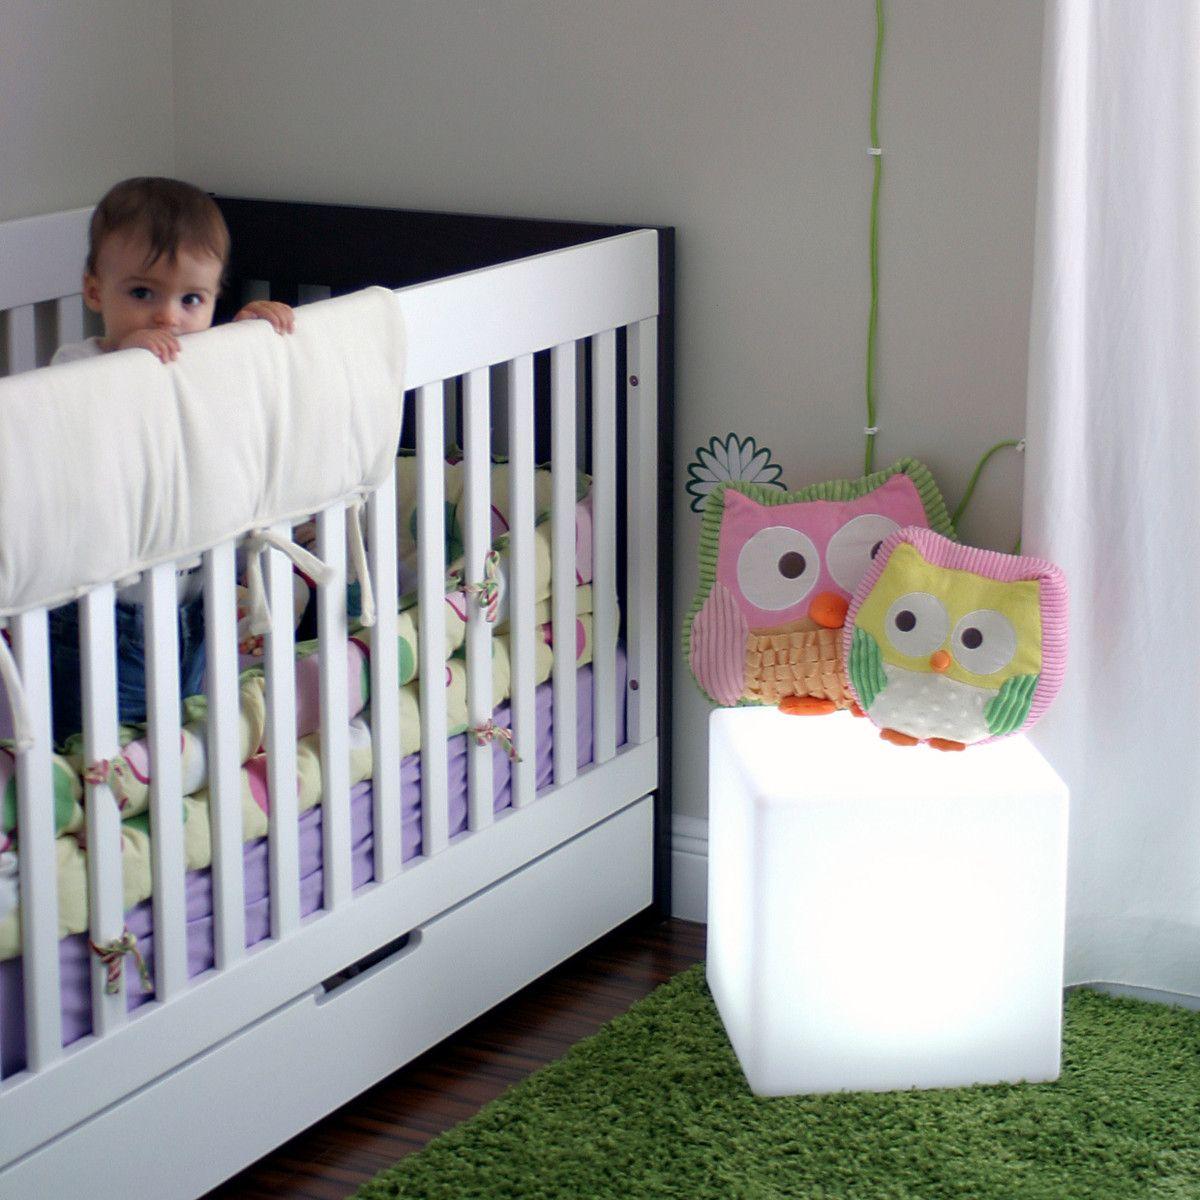 Cube Lantern Decoraciones de casa, Decoración